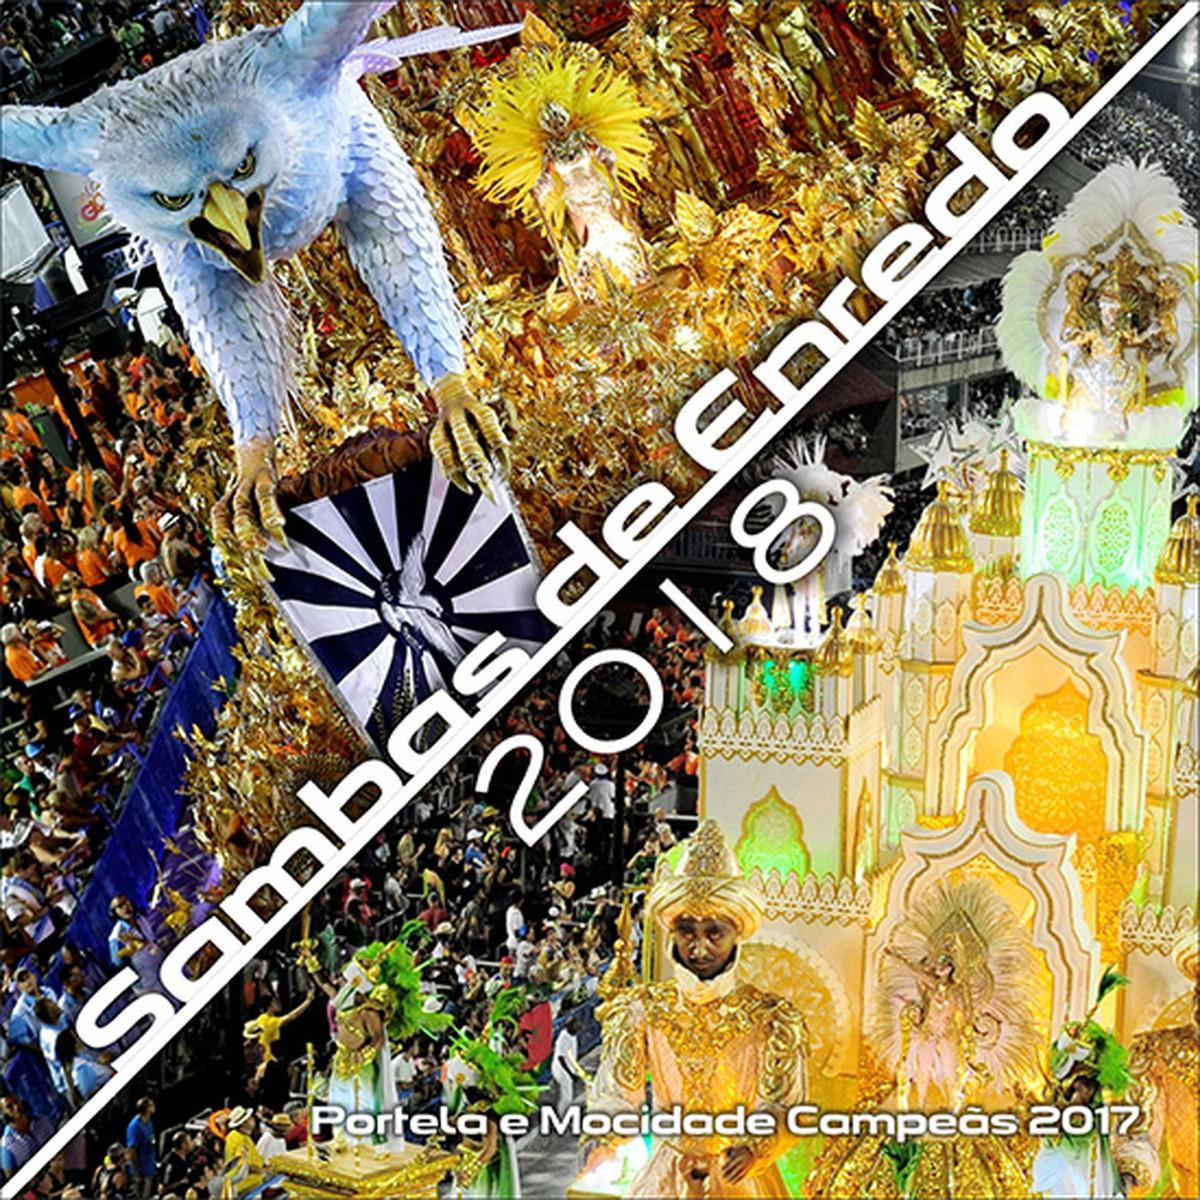 CD dos sambas do Carnaval 2018 do Grupo Especial chega às lojas em novembro